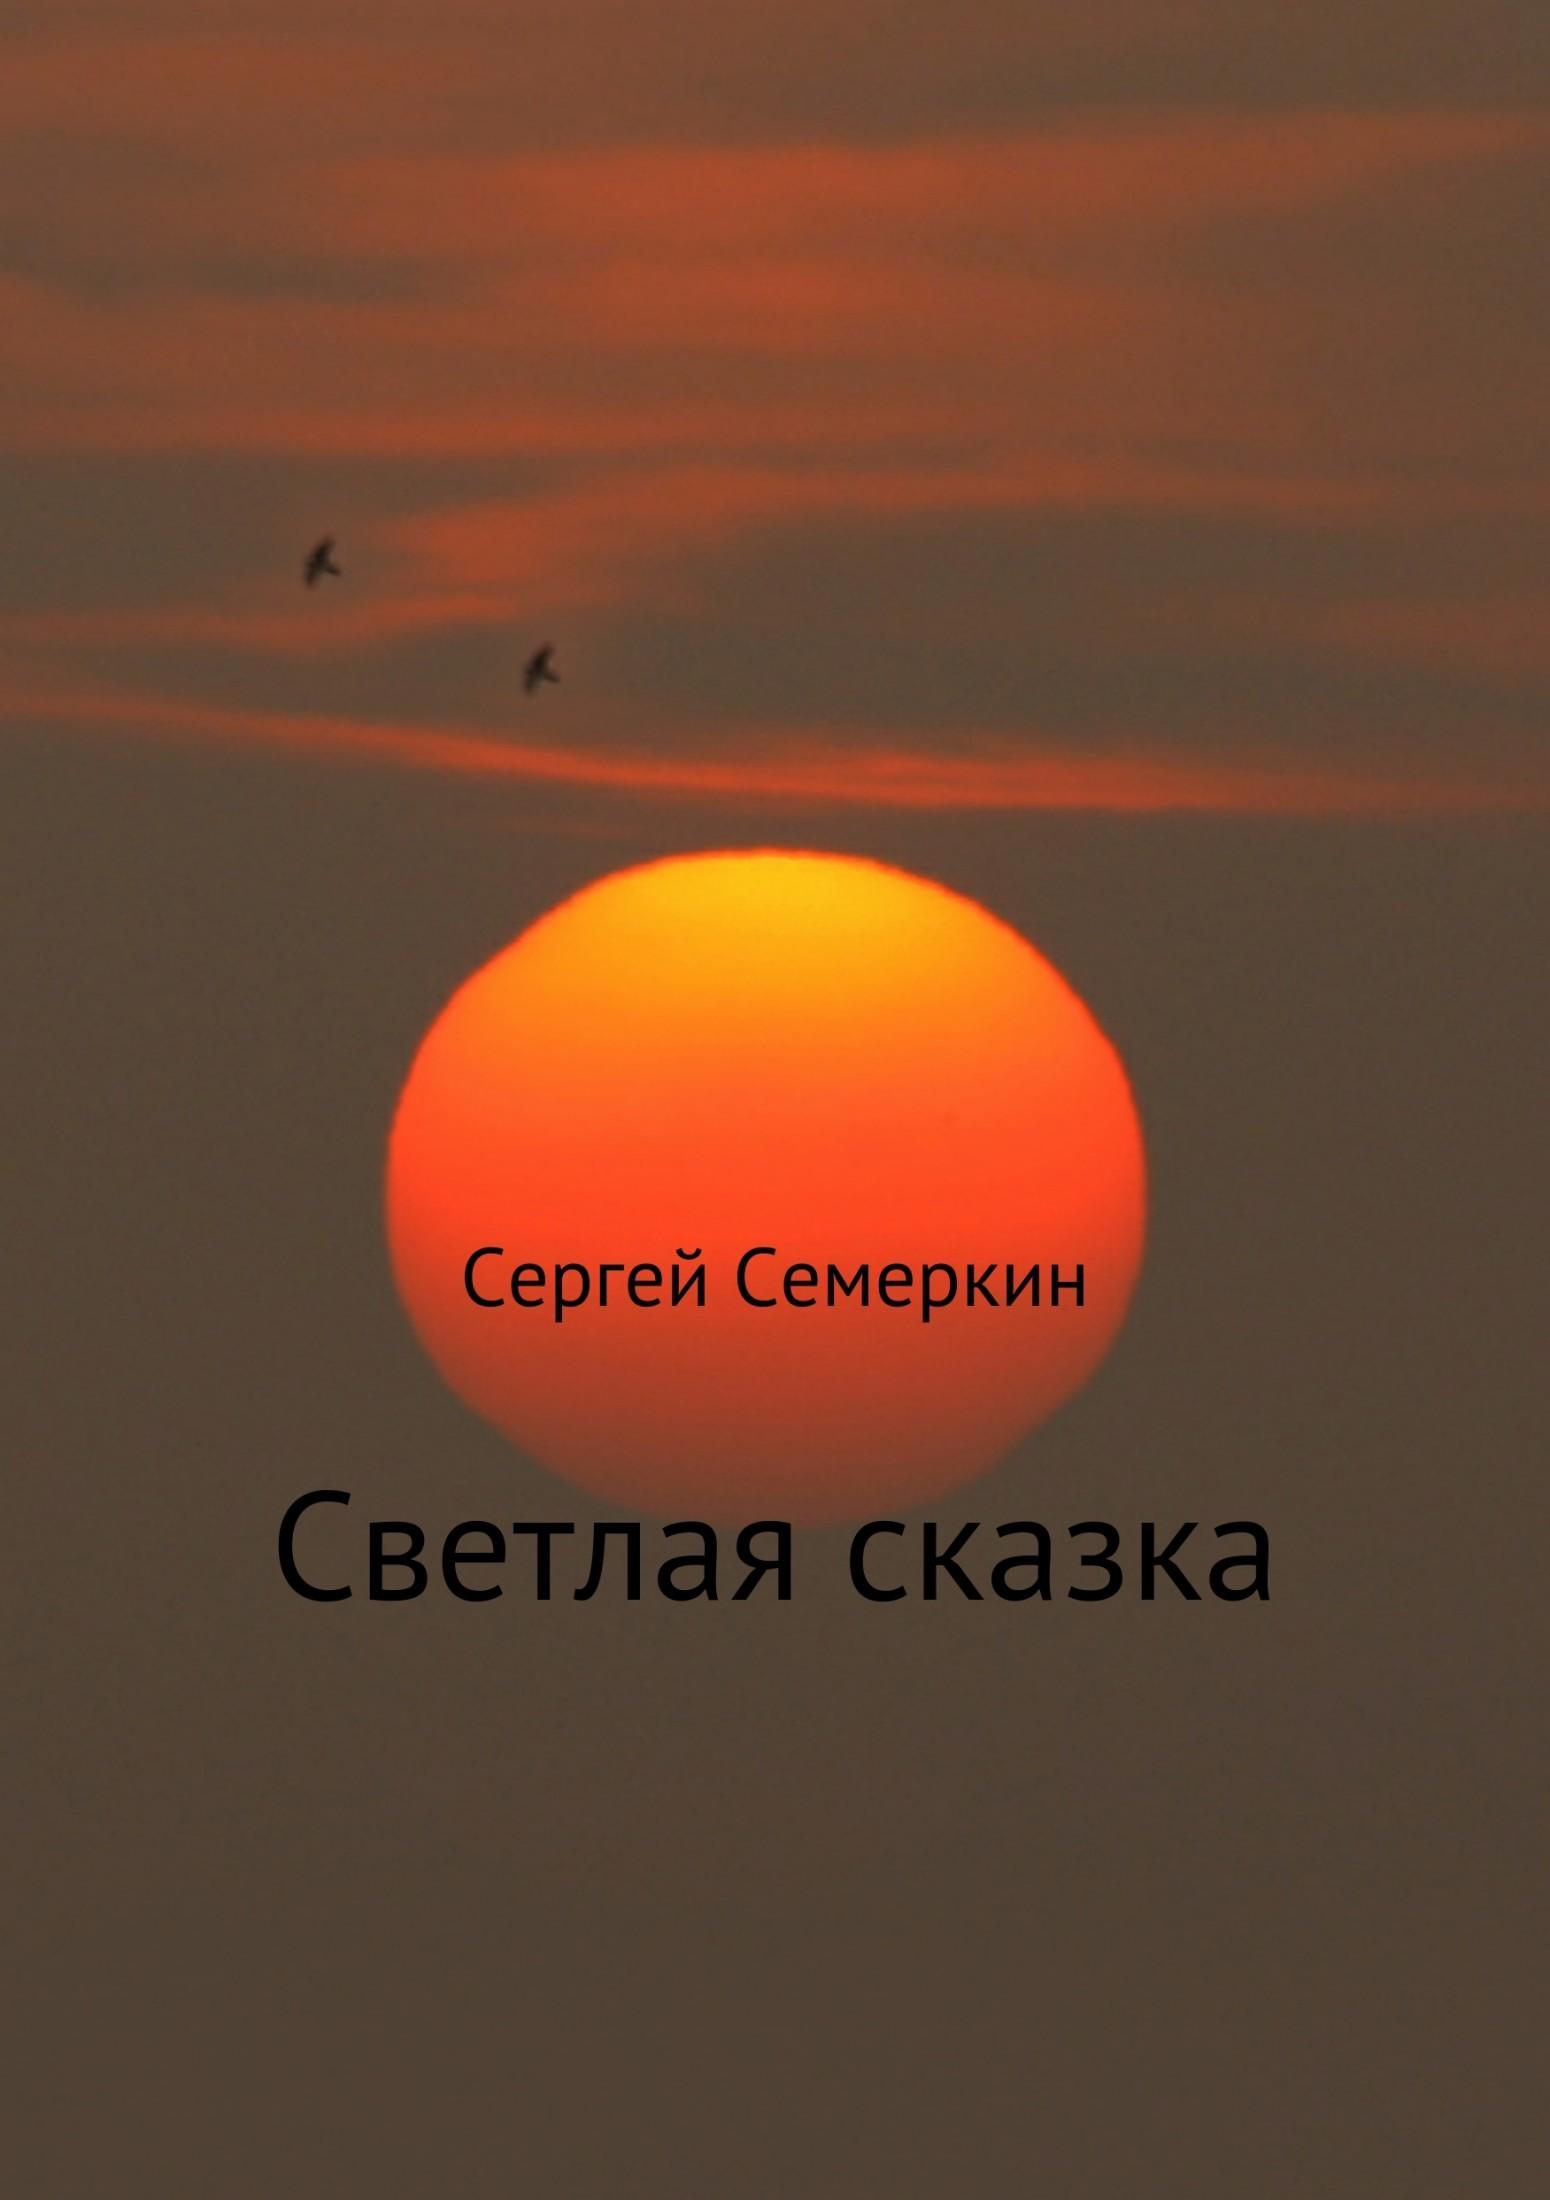 Сергей Владимирович Семеркин. Светлая сказка